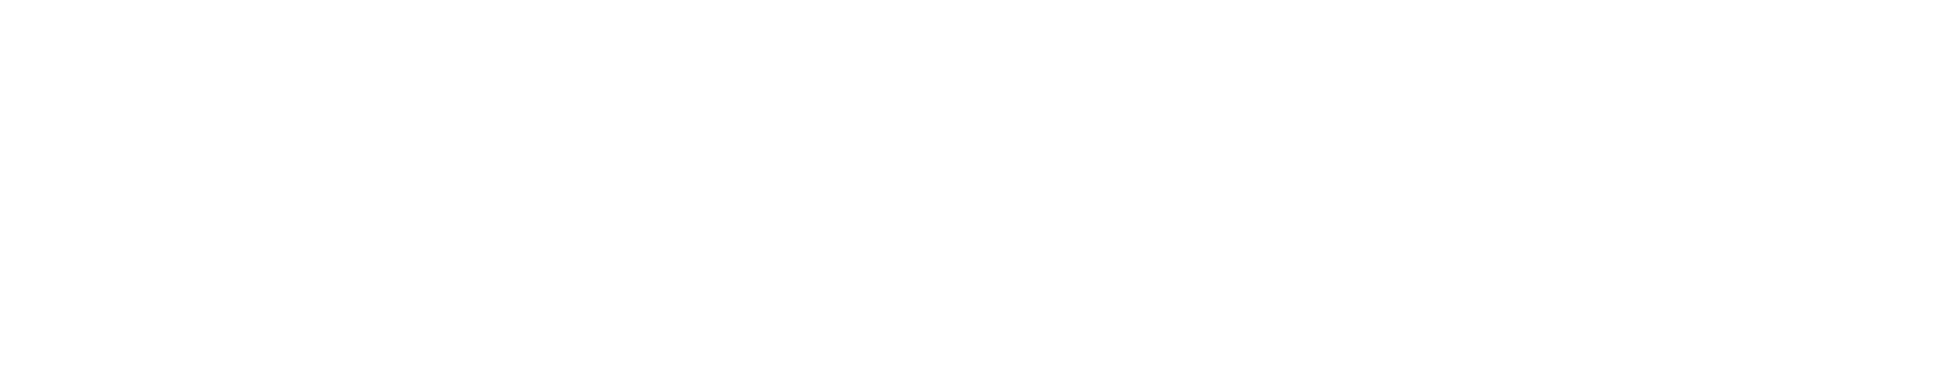 PFG_Logo_Final_White.png